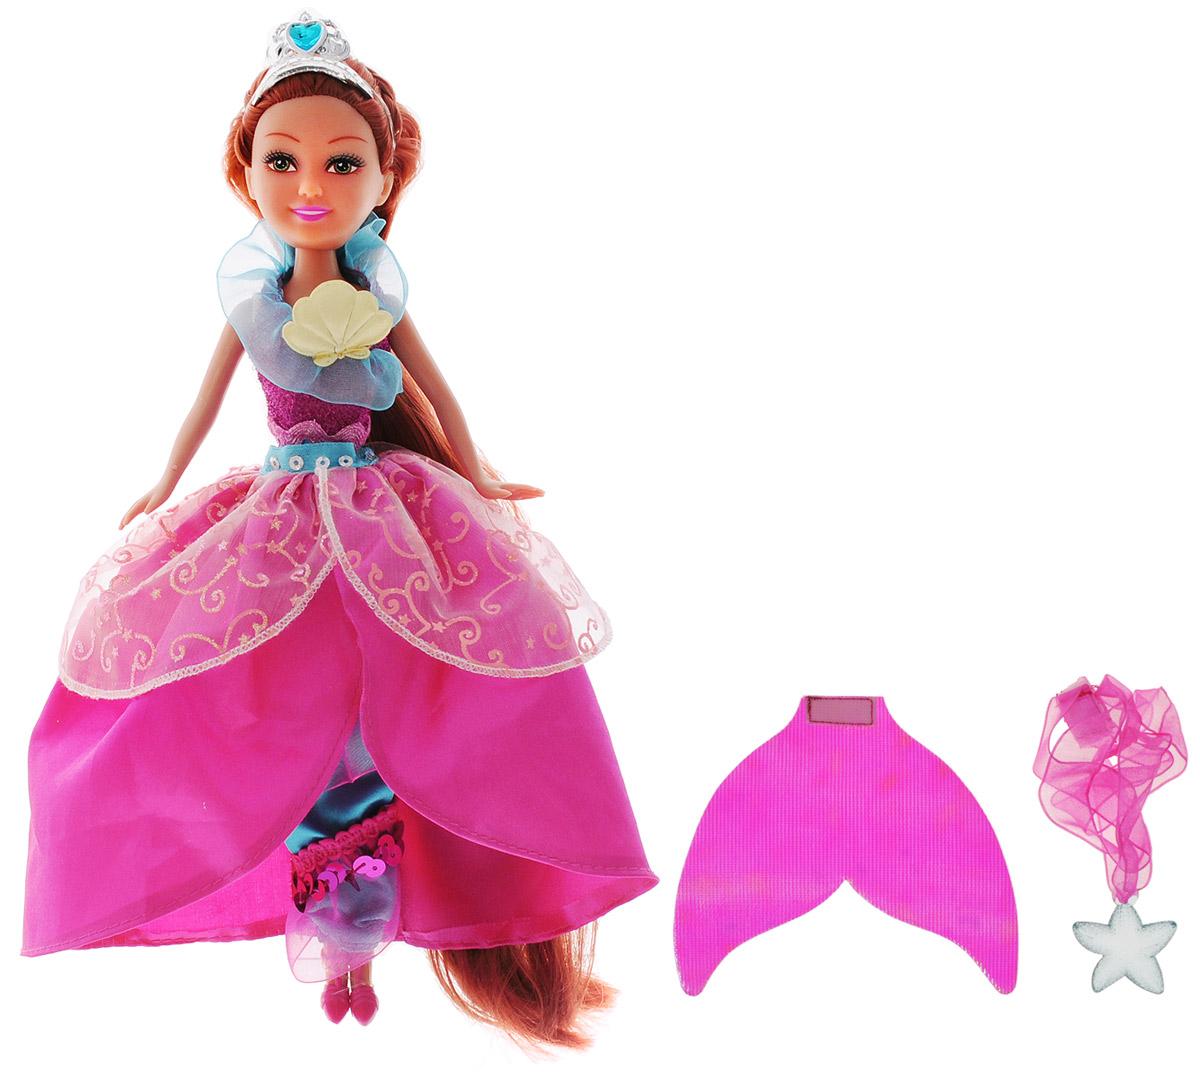 ABtoys Кукла Русалка-принцесса240299Великолепная кукла ABtoys Русалка-принцесса обязательно порадует вашу малышку и доставит ей много удовольствия от часов, посвященных игре с ней. Куколка с длинными рыжими волосами одета в шикарное розовое платье принцессы, украшенное узорами и блестками. На голове куклы надета диадема с голубым драгоценным камнем в форме сердца. Ножки, голова и ручки куколки подвижны, а волосы можно расчесывать. Вместе с куклой в наборе предлагается хвост русалки, переливающийся всеми цветами радуги и колье для маленькой хозяйки куклы. Brilliance Fair - милые подружки! Эти девочки могут развлекаться и никогда не устают друг от друга! Их невероятно привлекательные наряды делают их абсолютными королевами любой вечеринки! Кукла станет настоящей подружкой для своей юной обладательницы! Порадуйте свою малышку таким великолепным подарком!